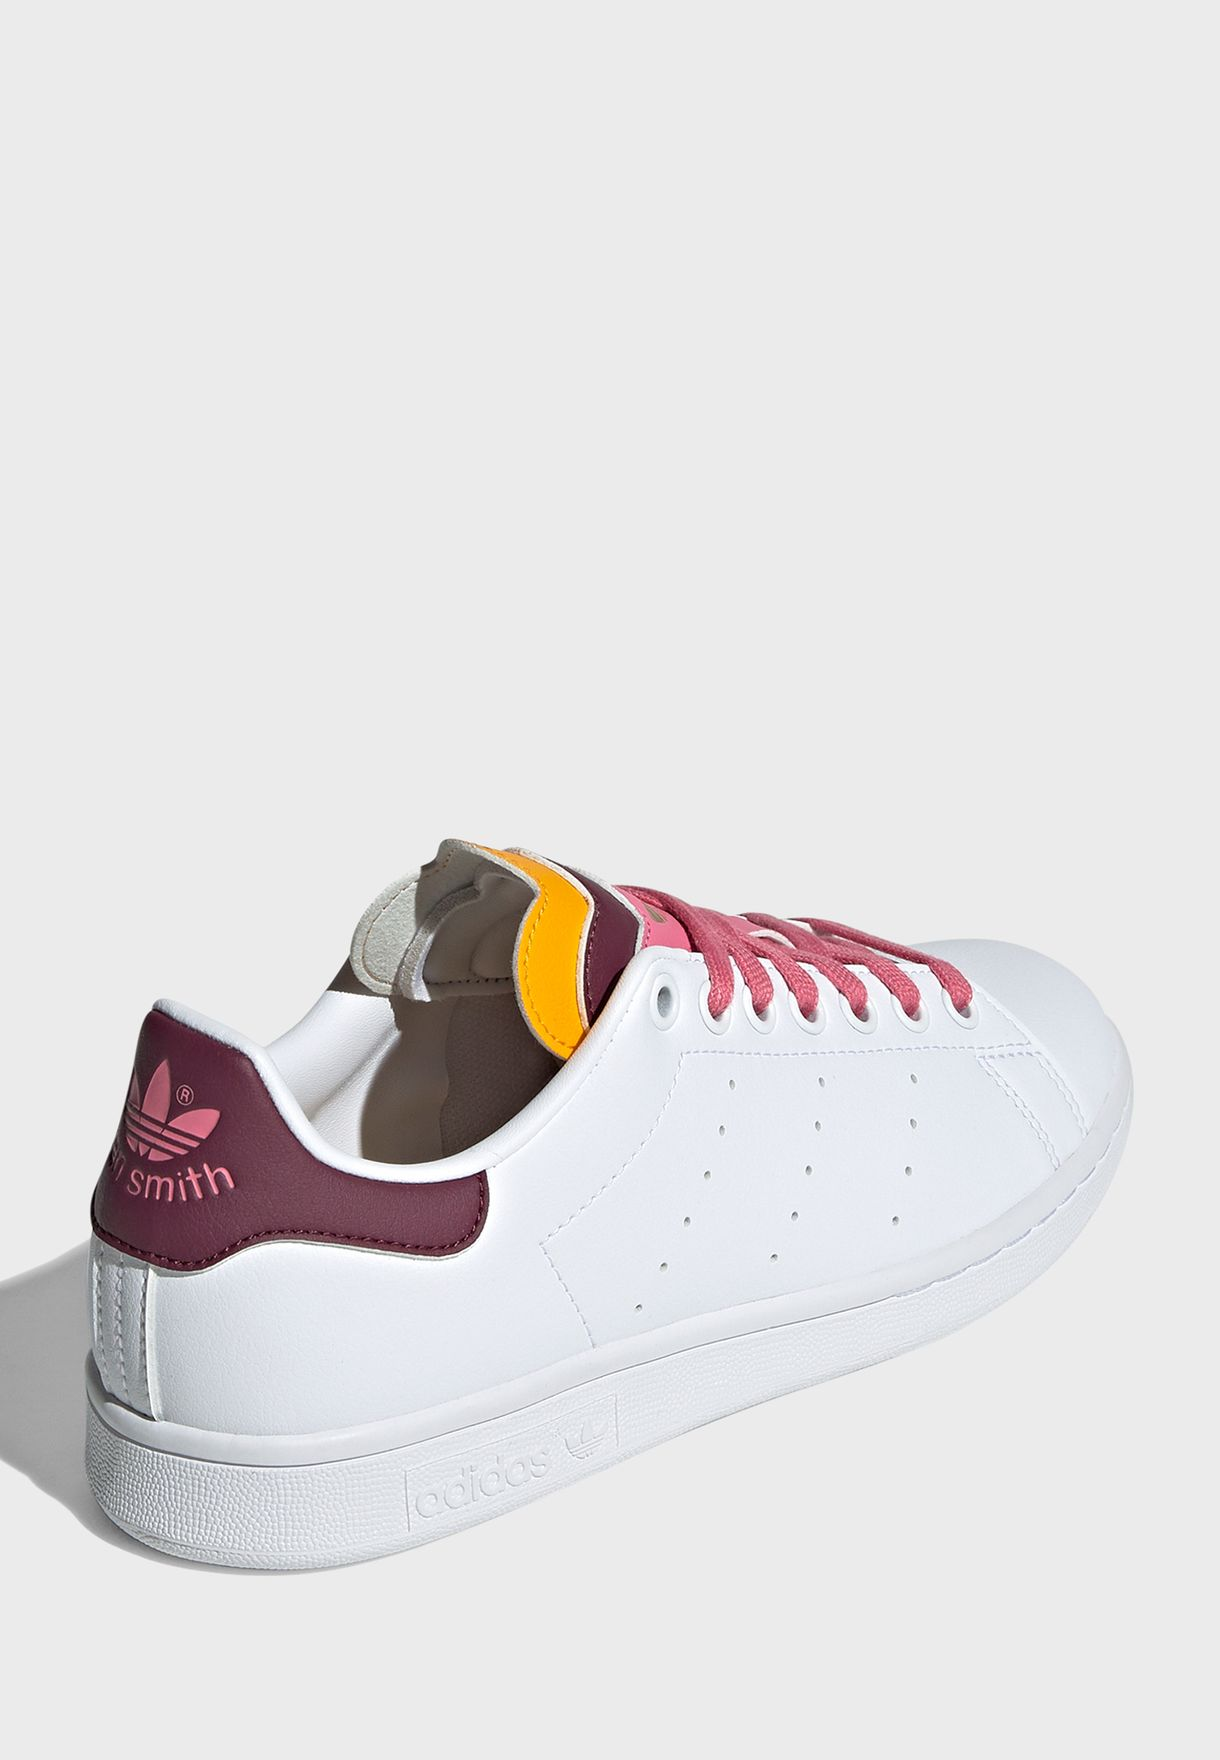 حذاء ستان سميث